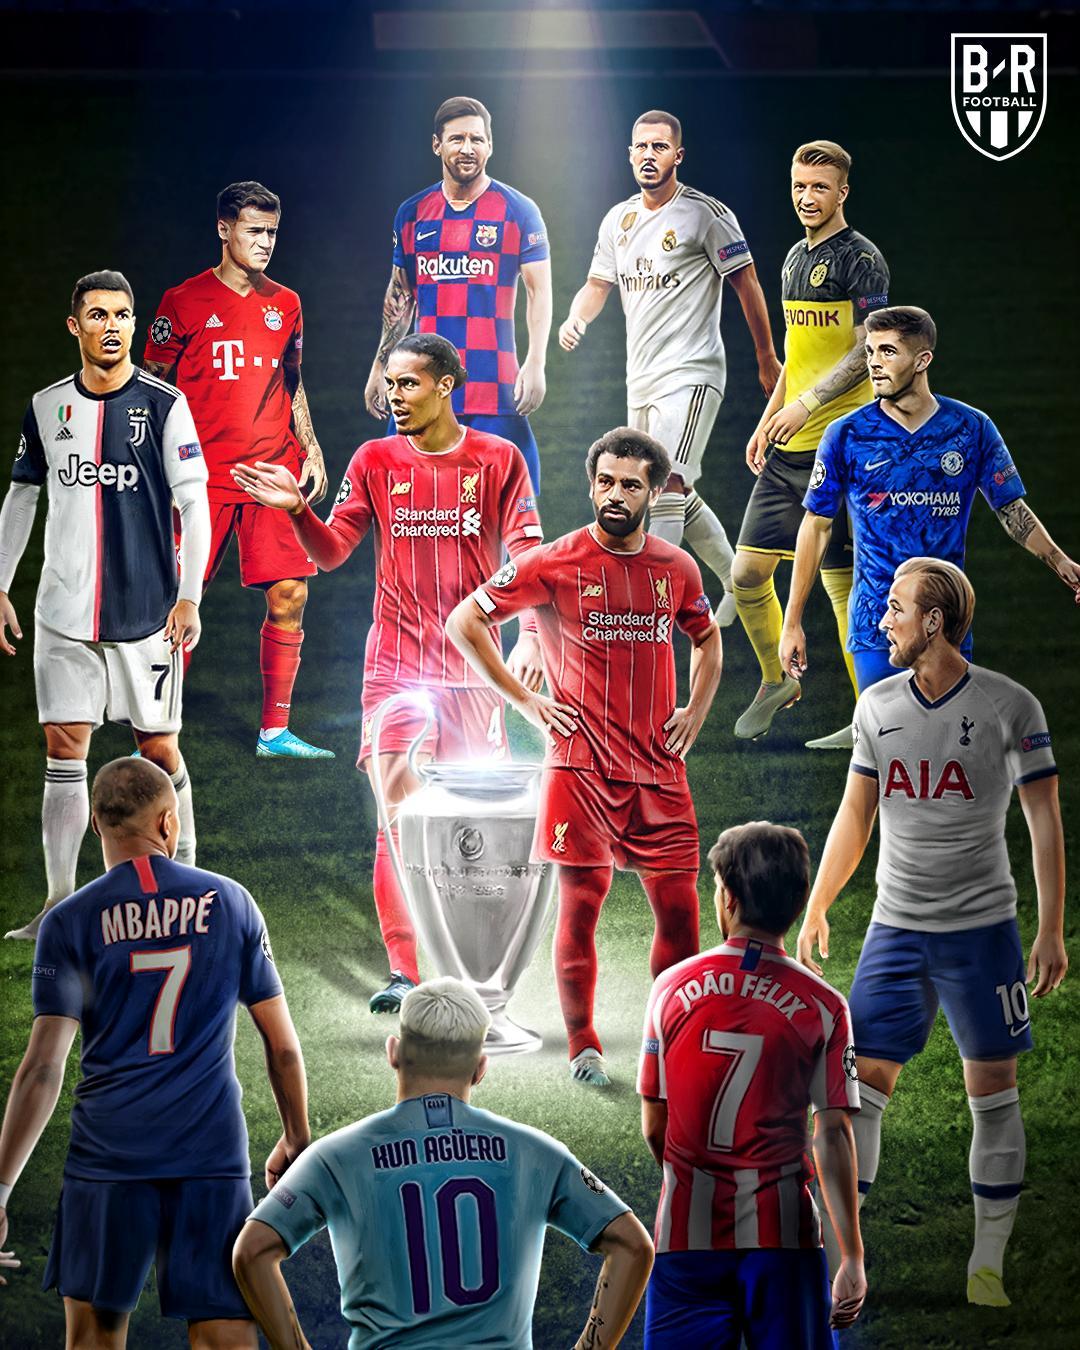 BR海报预炎欧冠:利物浦憧憬卫冕,多欧洲朱门虎视眈眈